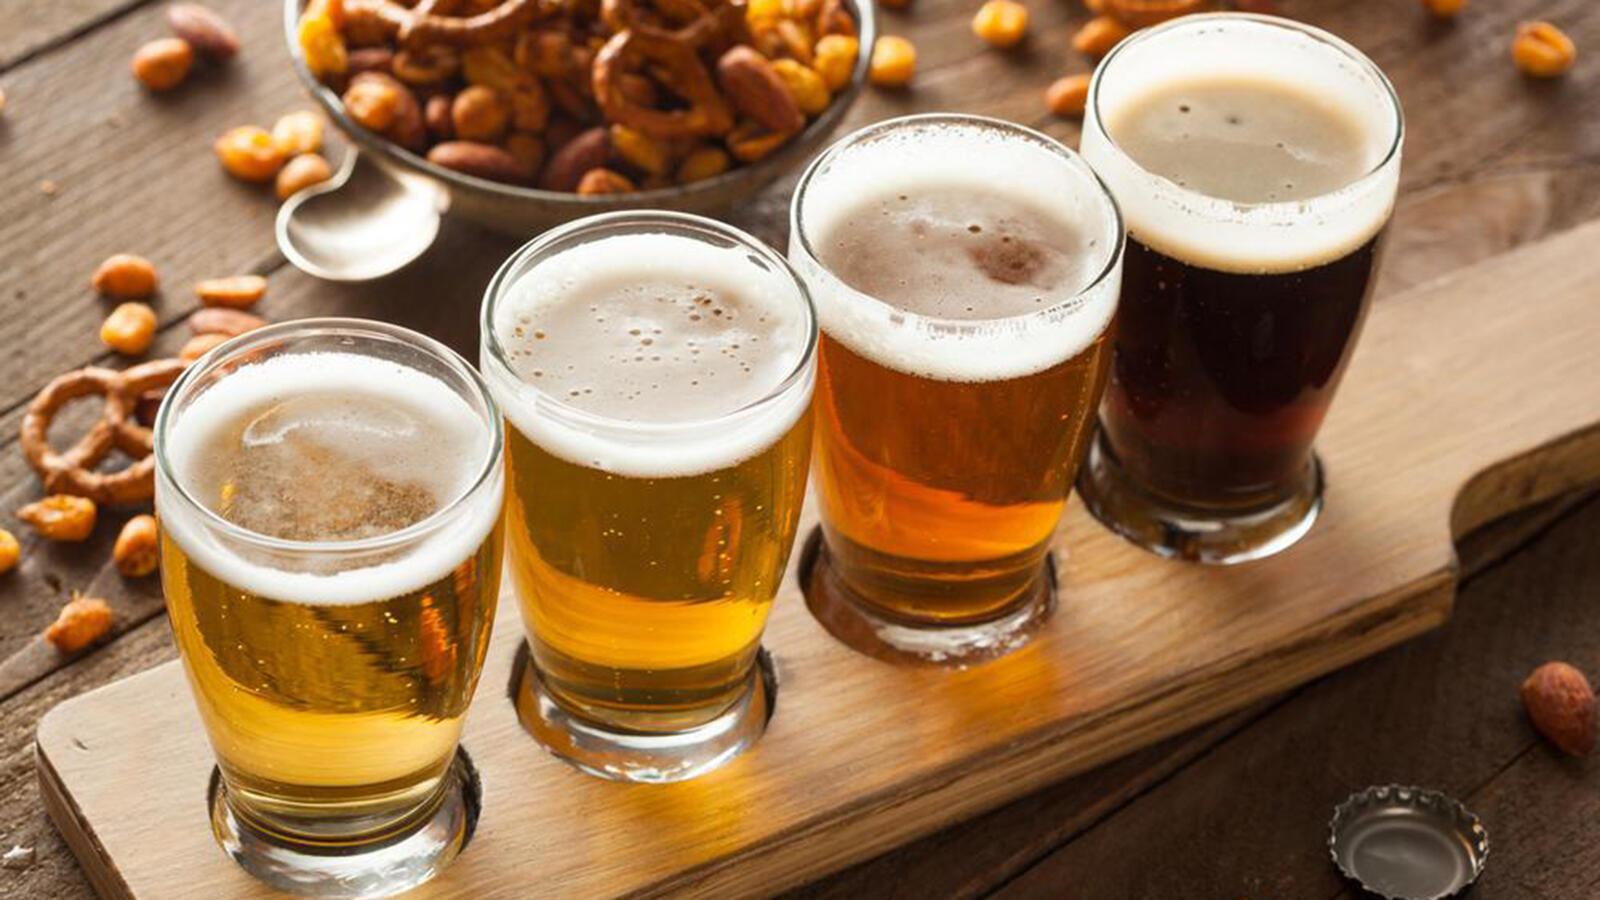 Welk bier smaakt het best bij een zelfgemaakte hotdog? | Dagelijkse kost